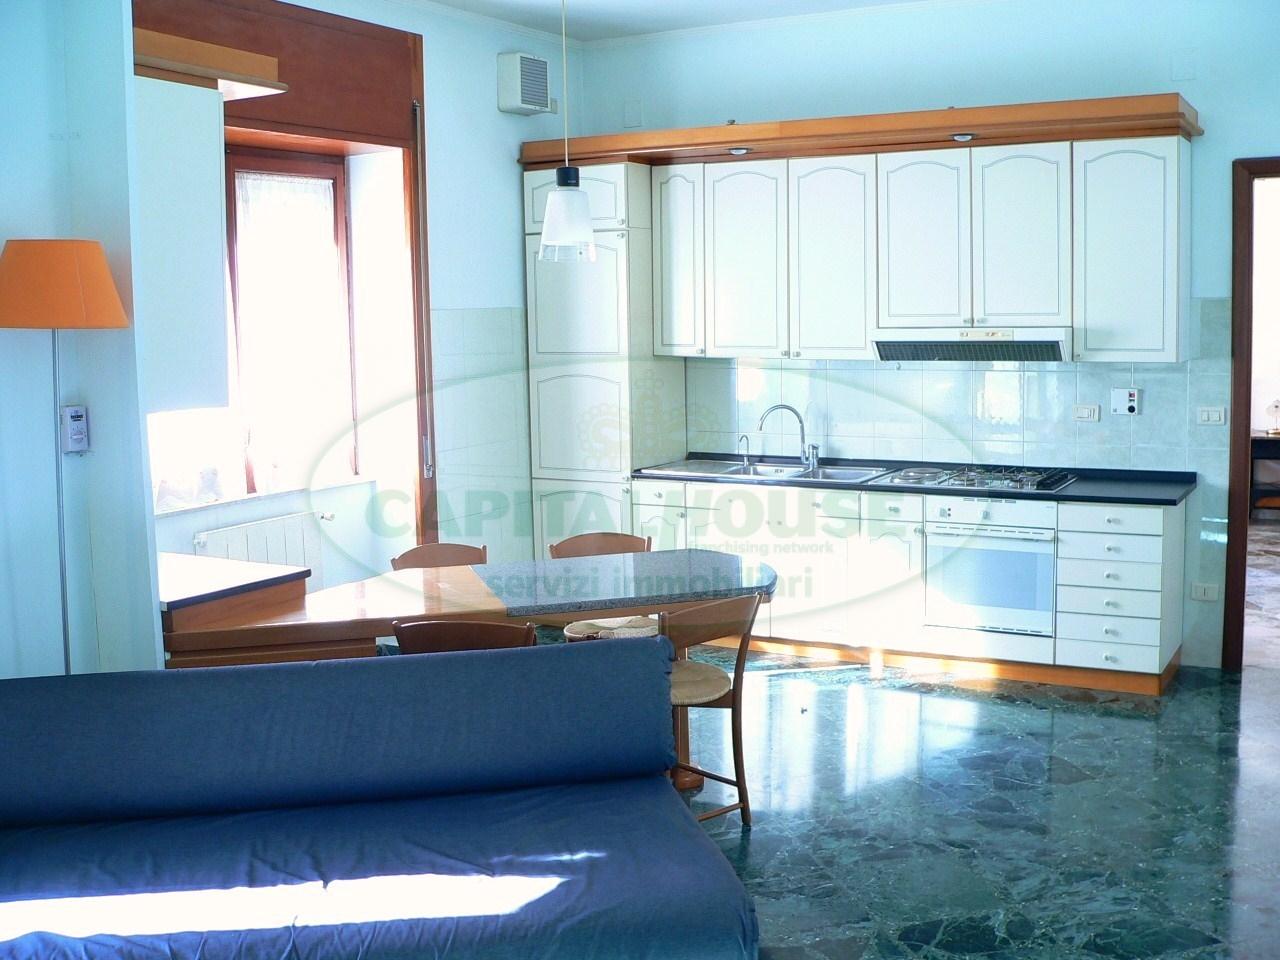 420vbr appartamento in affitto a caserta ospedale